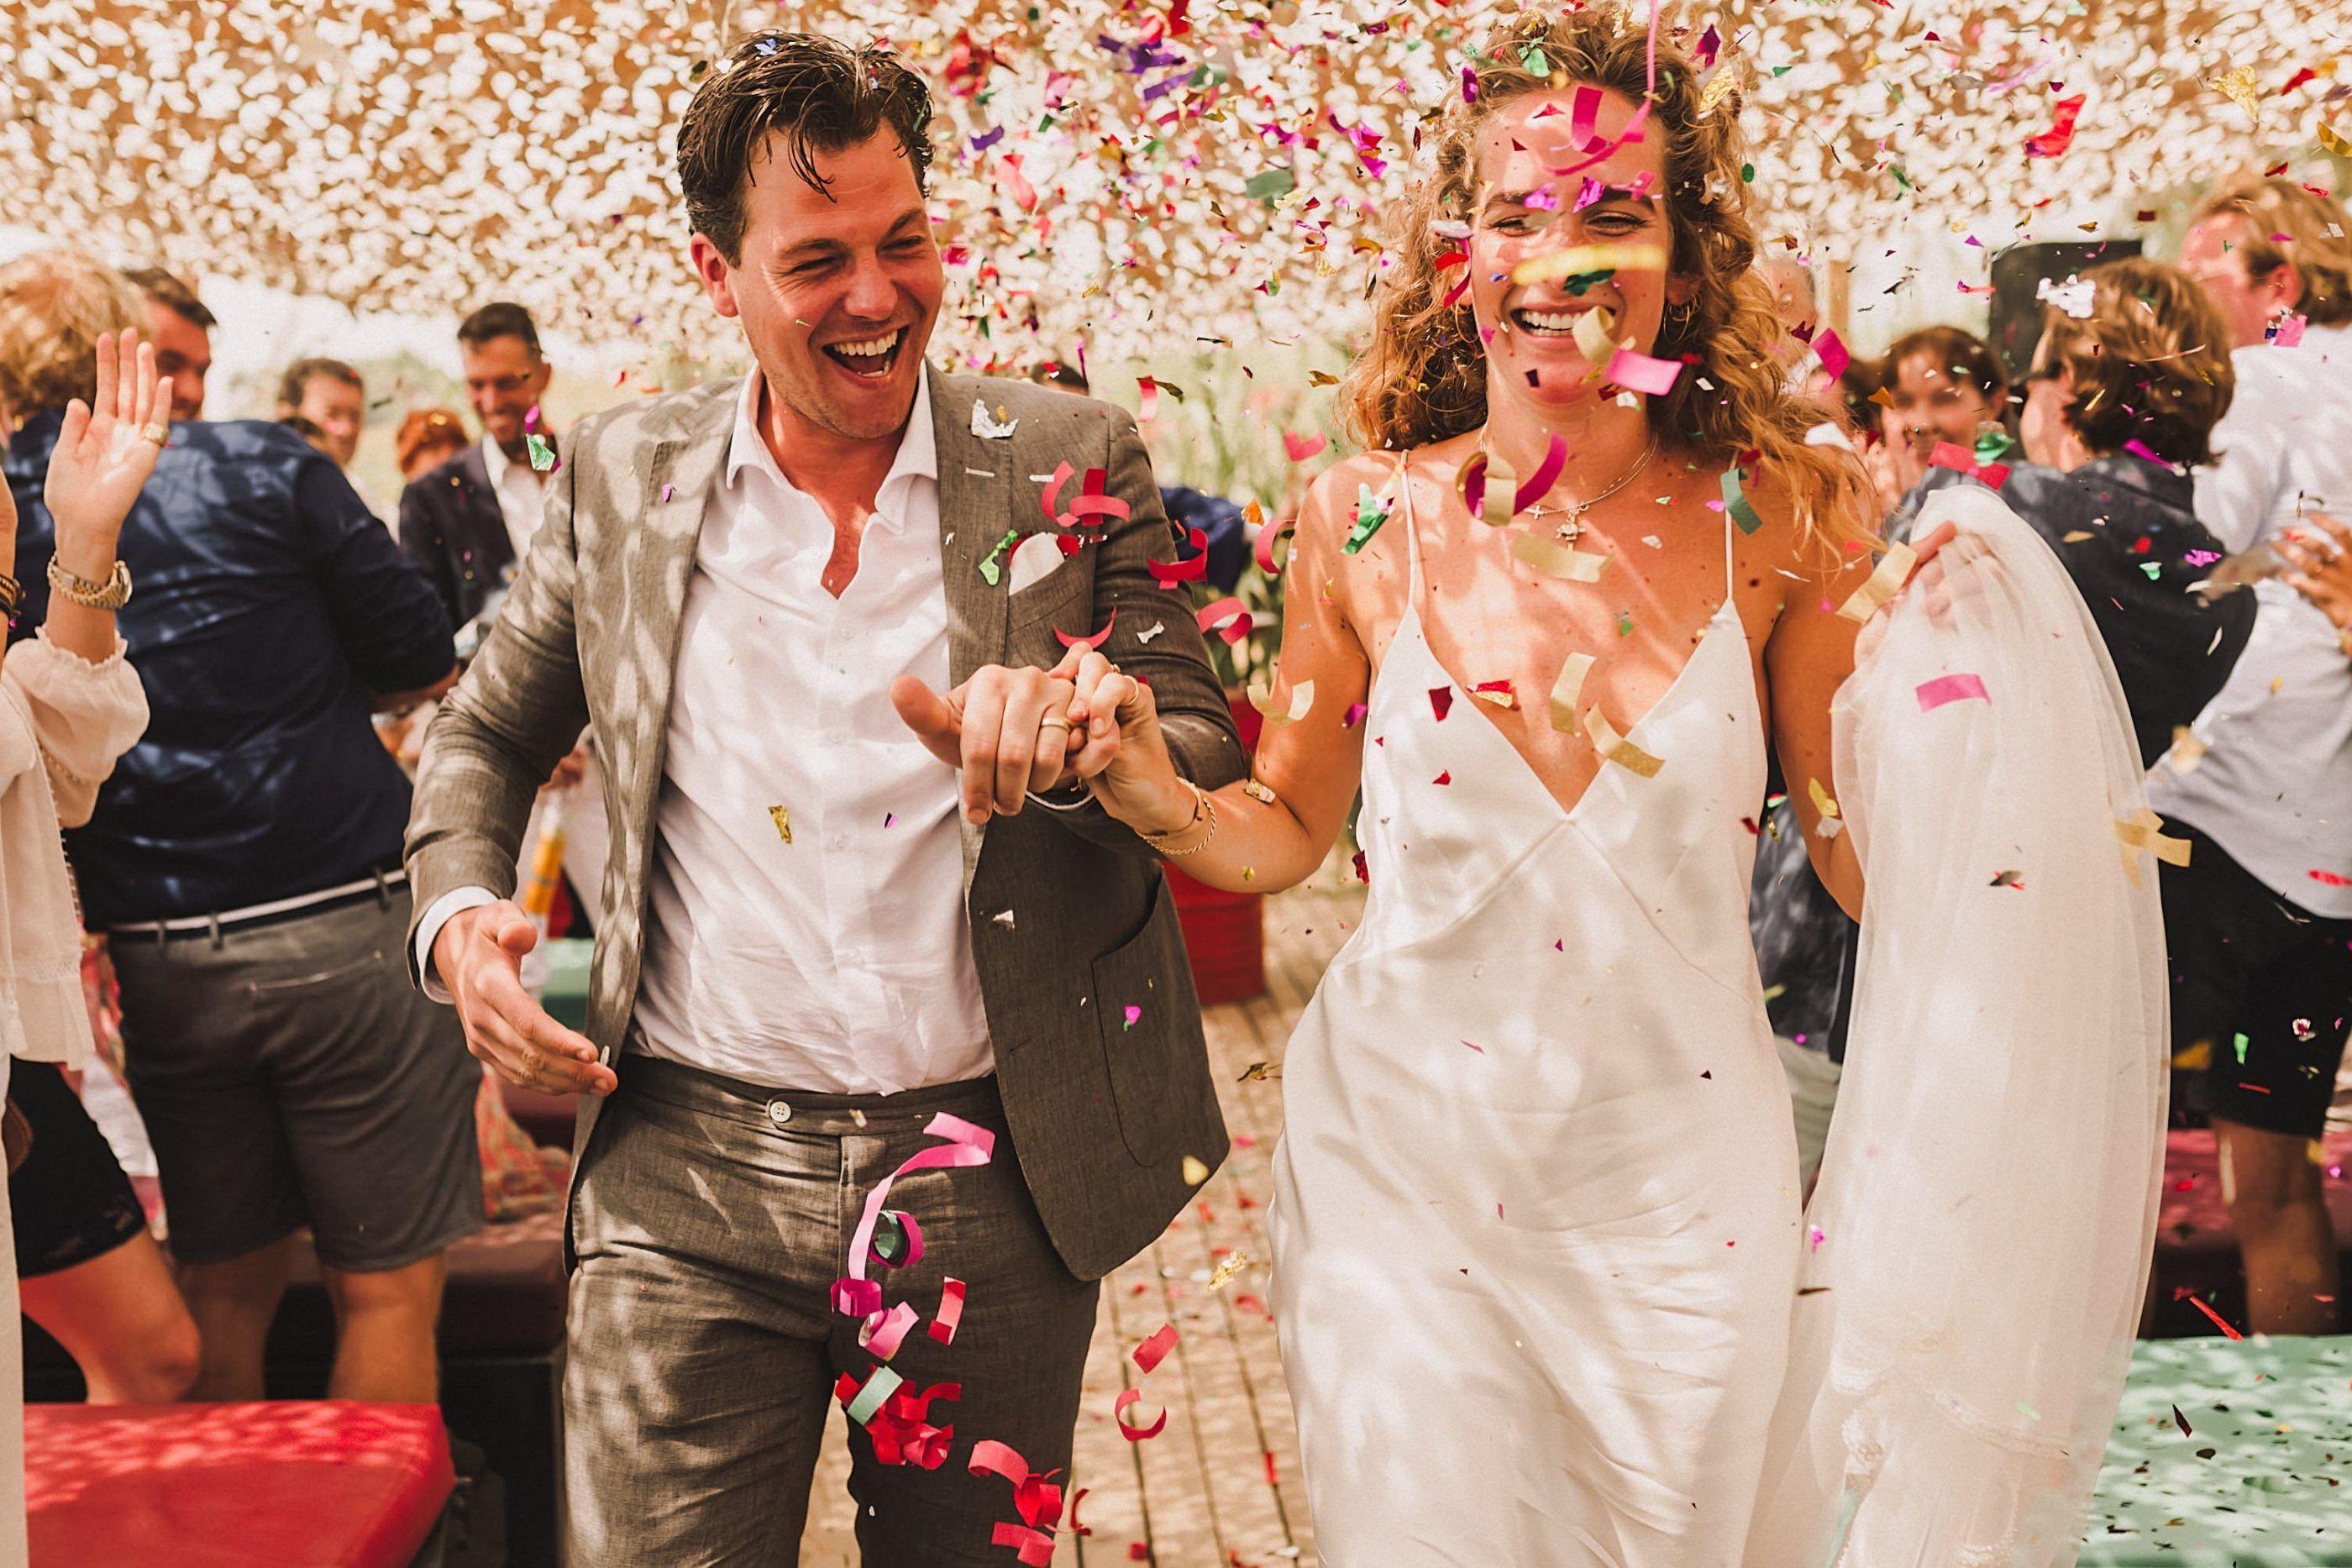 fotografo bodas malaga marbella